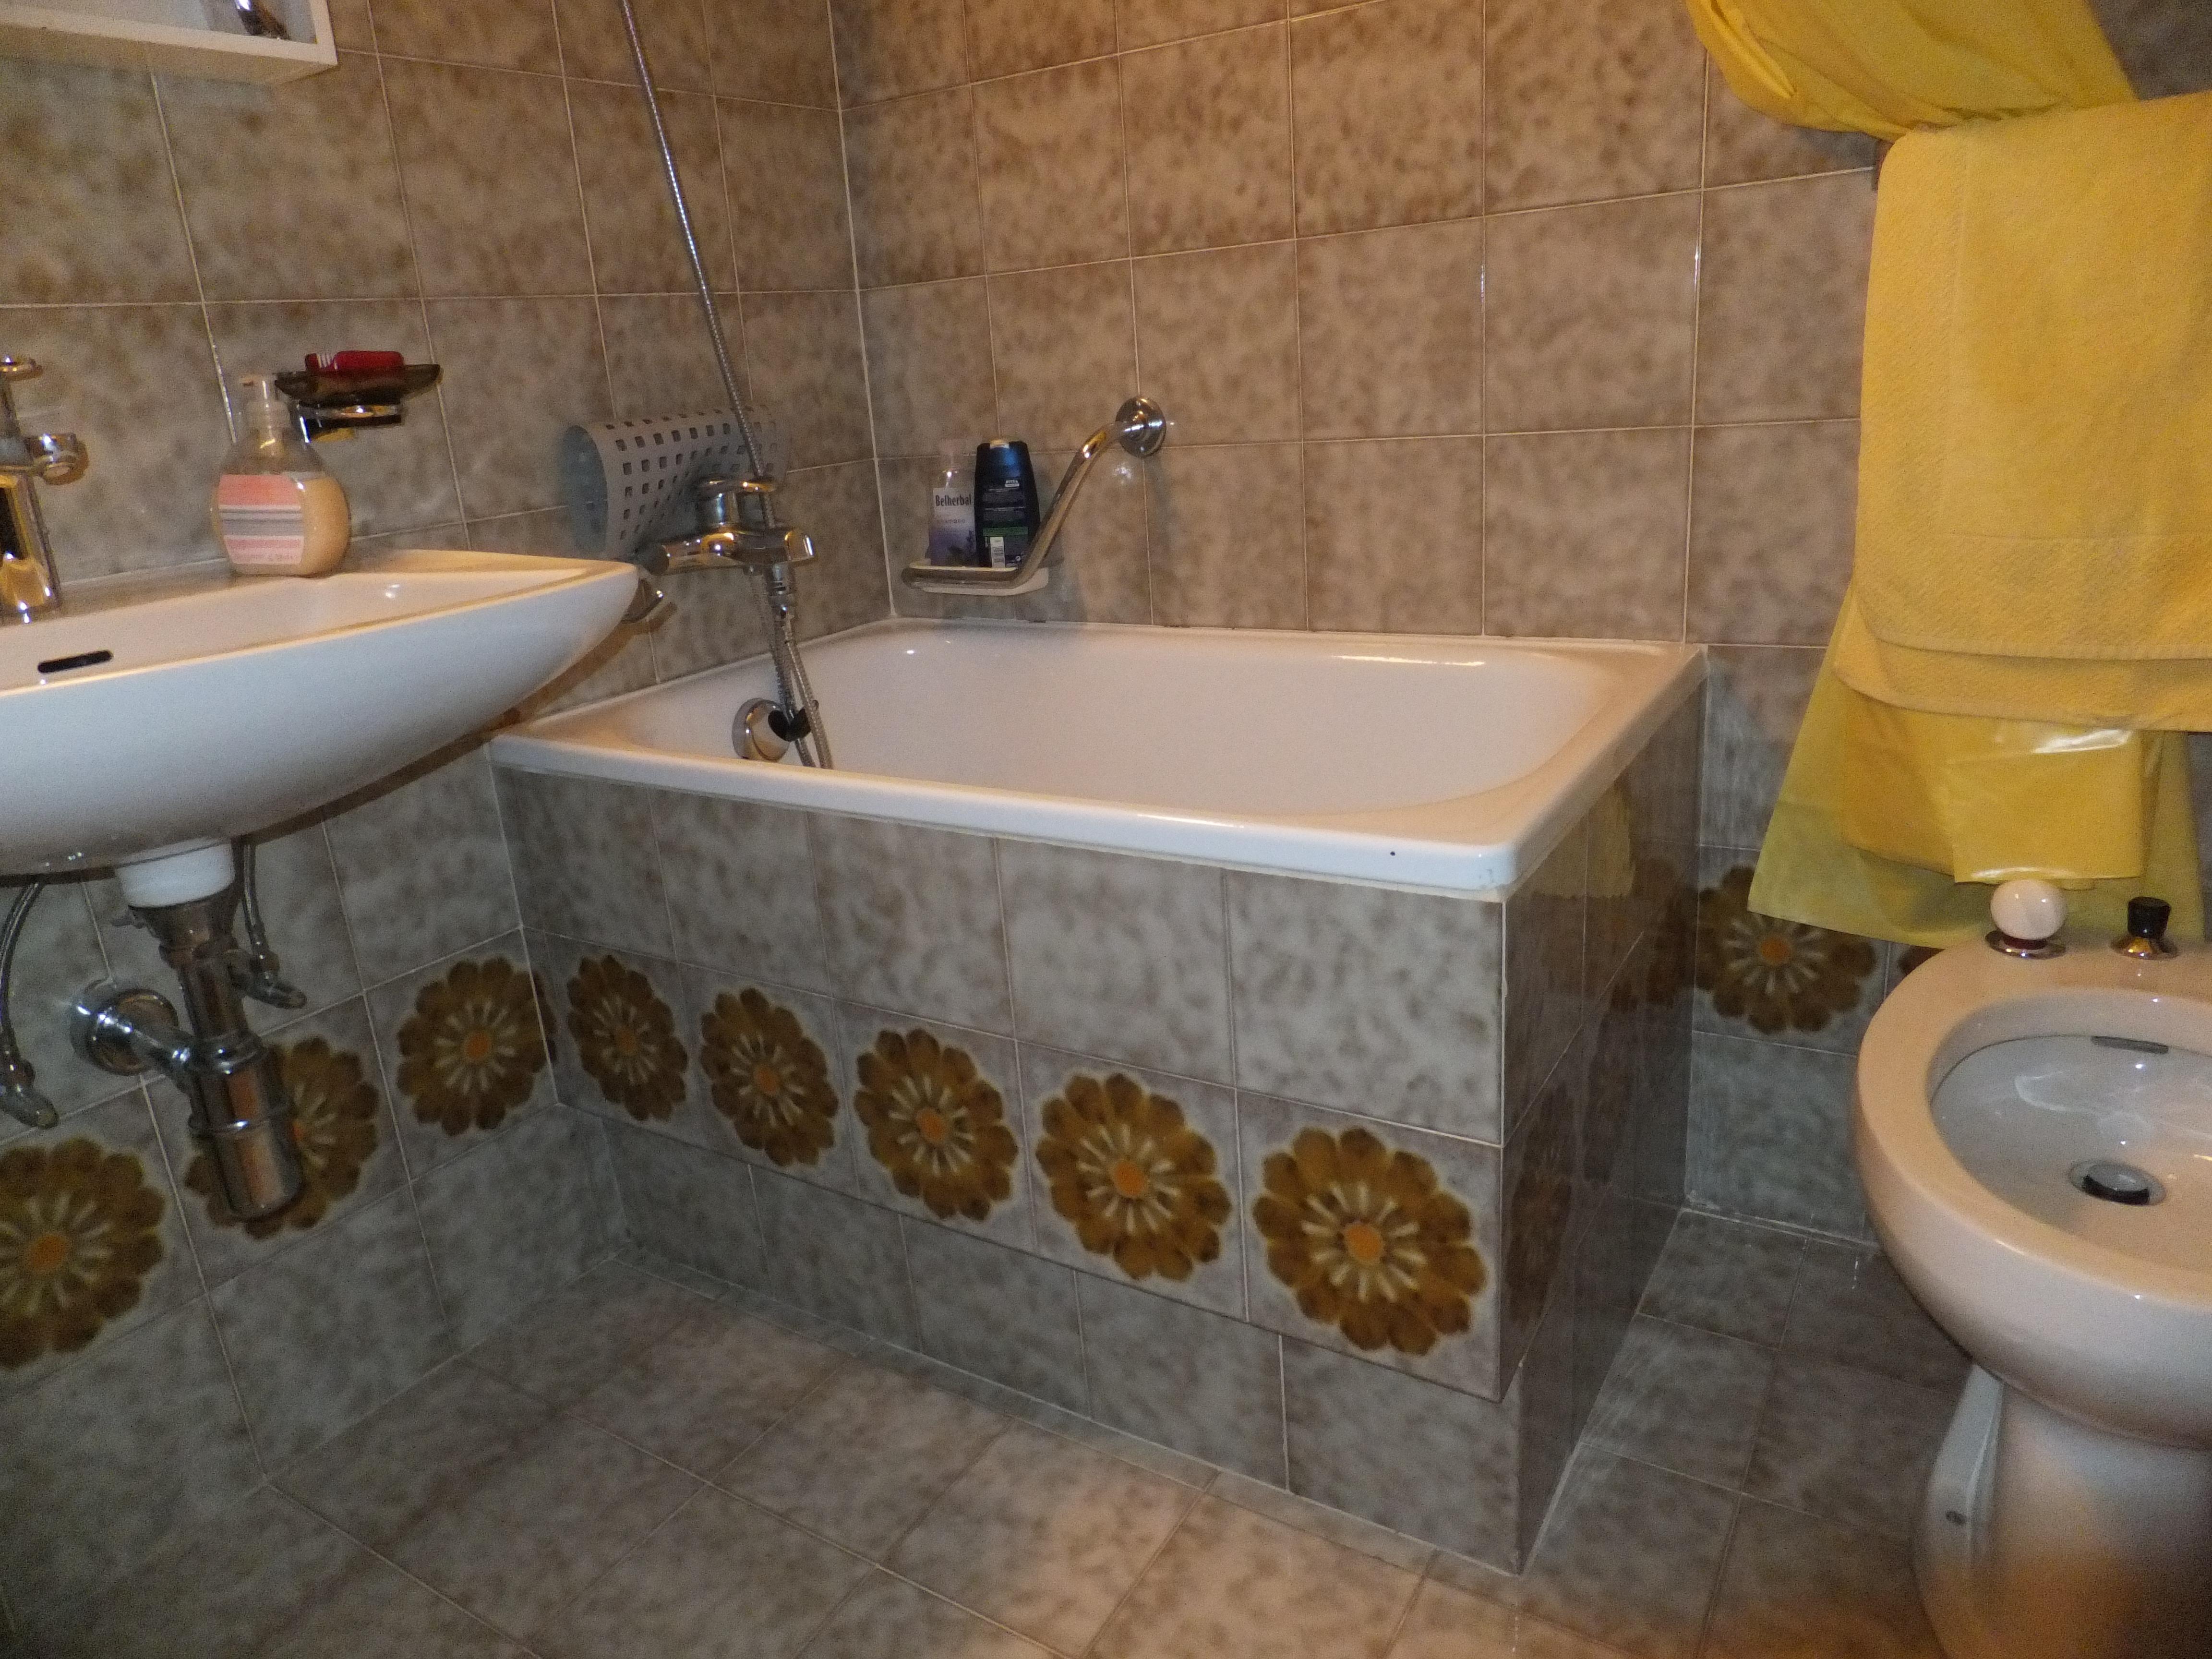 Progetto Trasformazione Vasca da Bagno a Sedere In Piatto Doccia con Box  Progetti ...